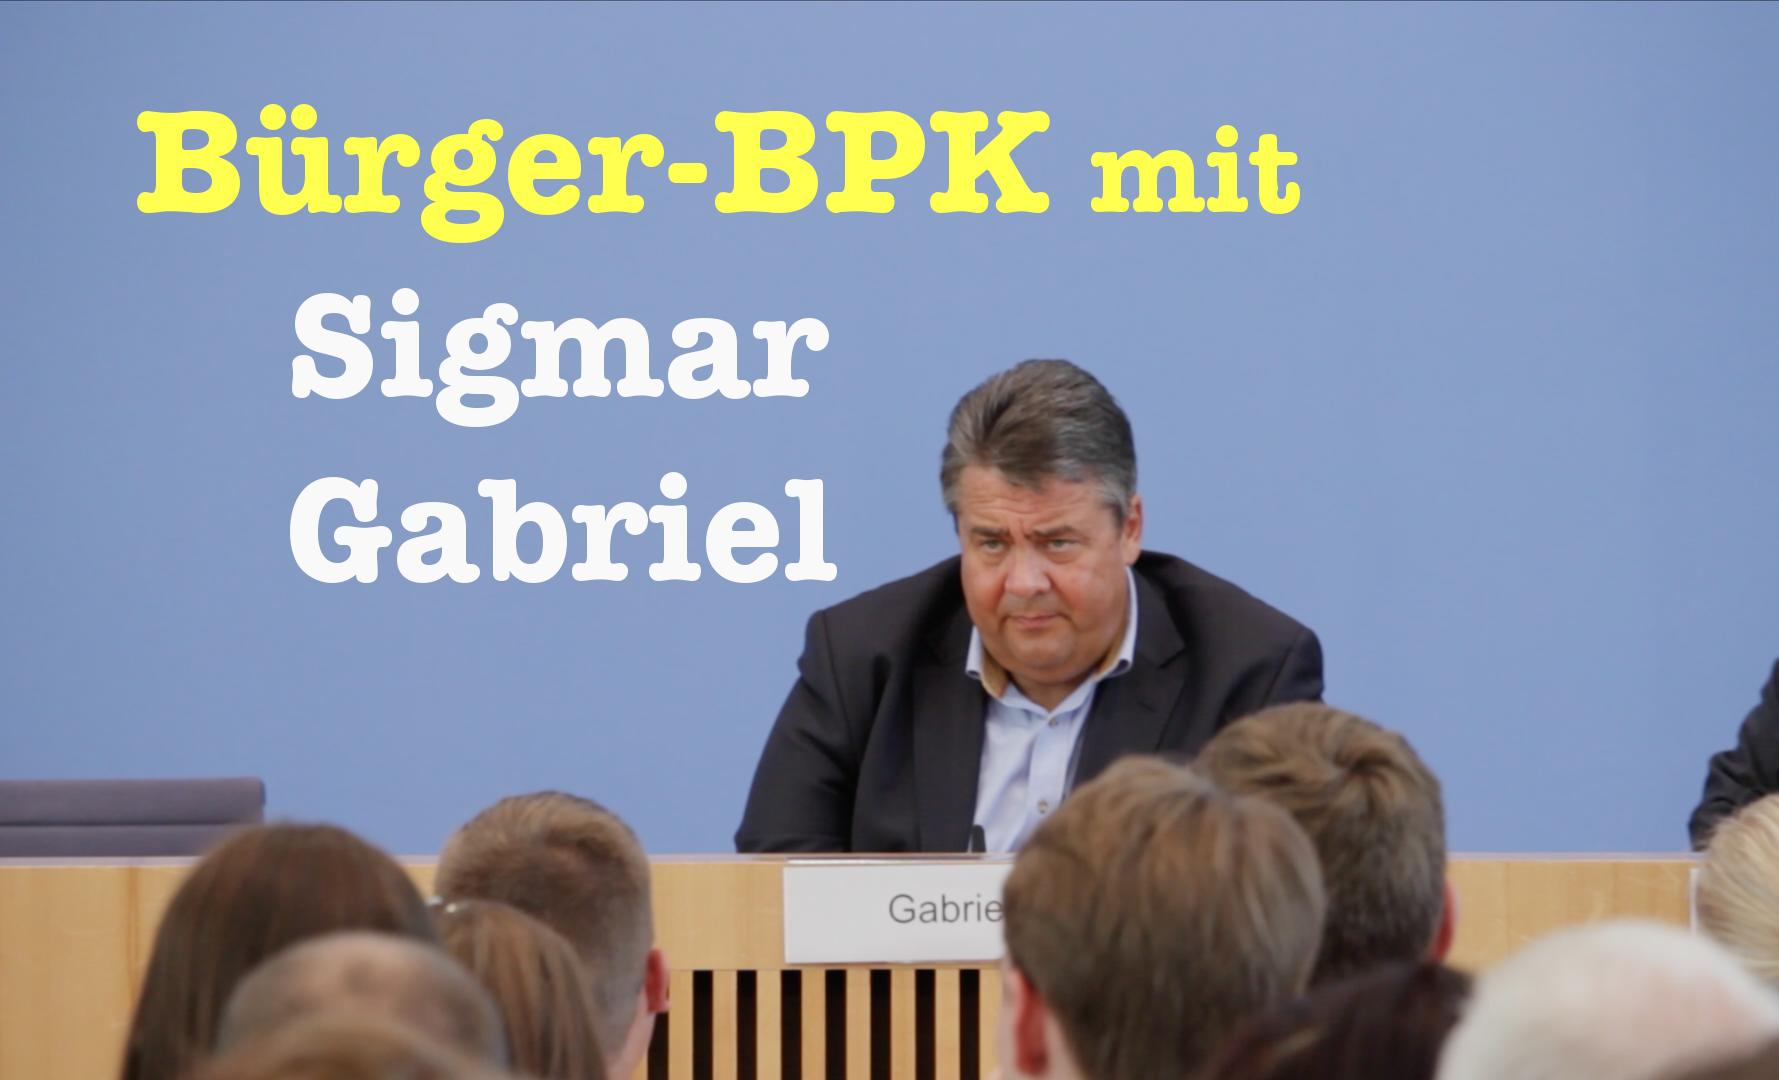 Gabriel Bürger BPK